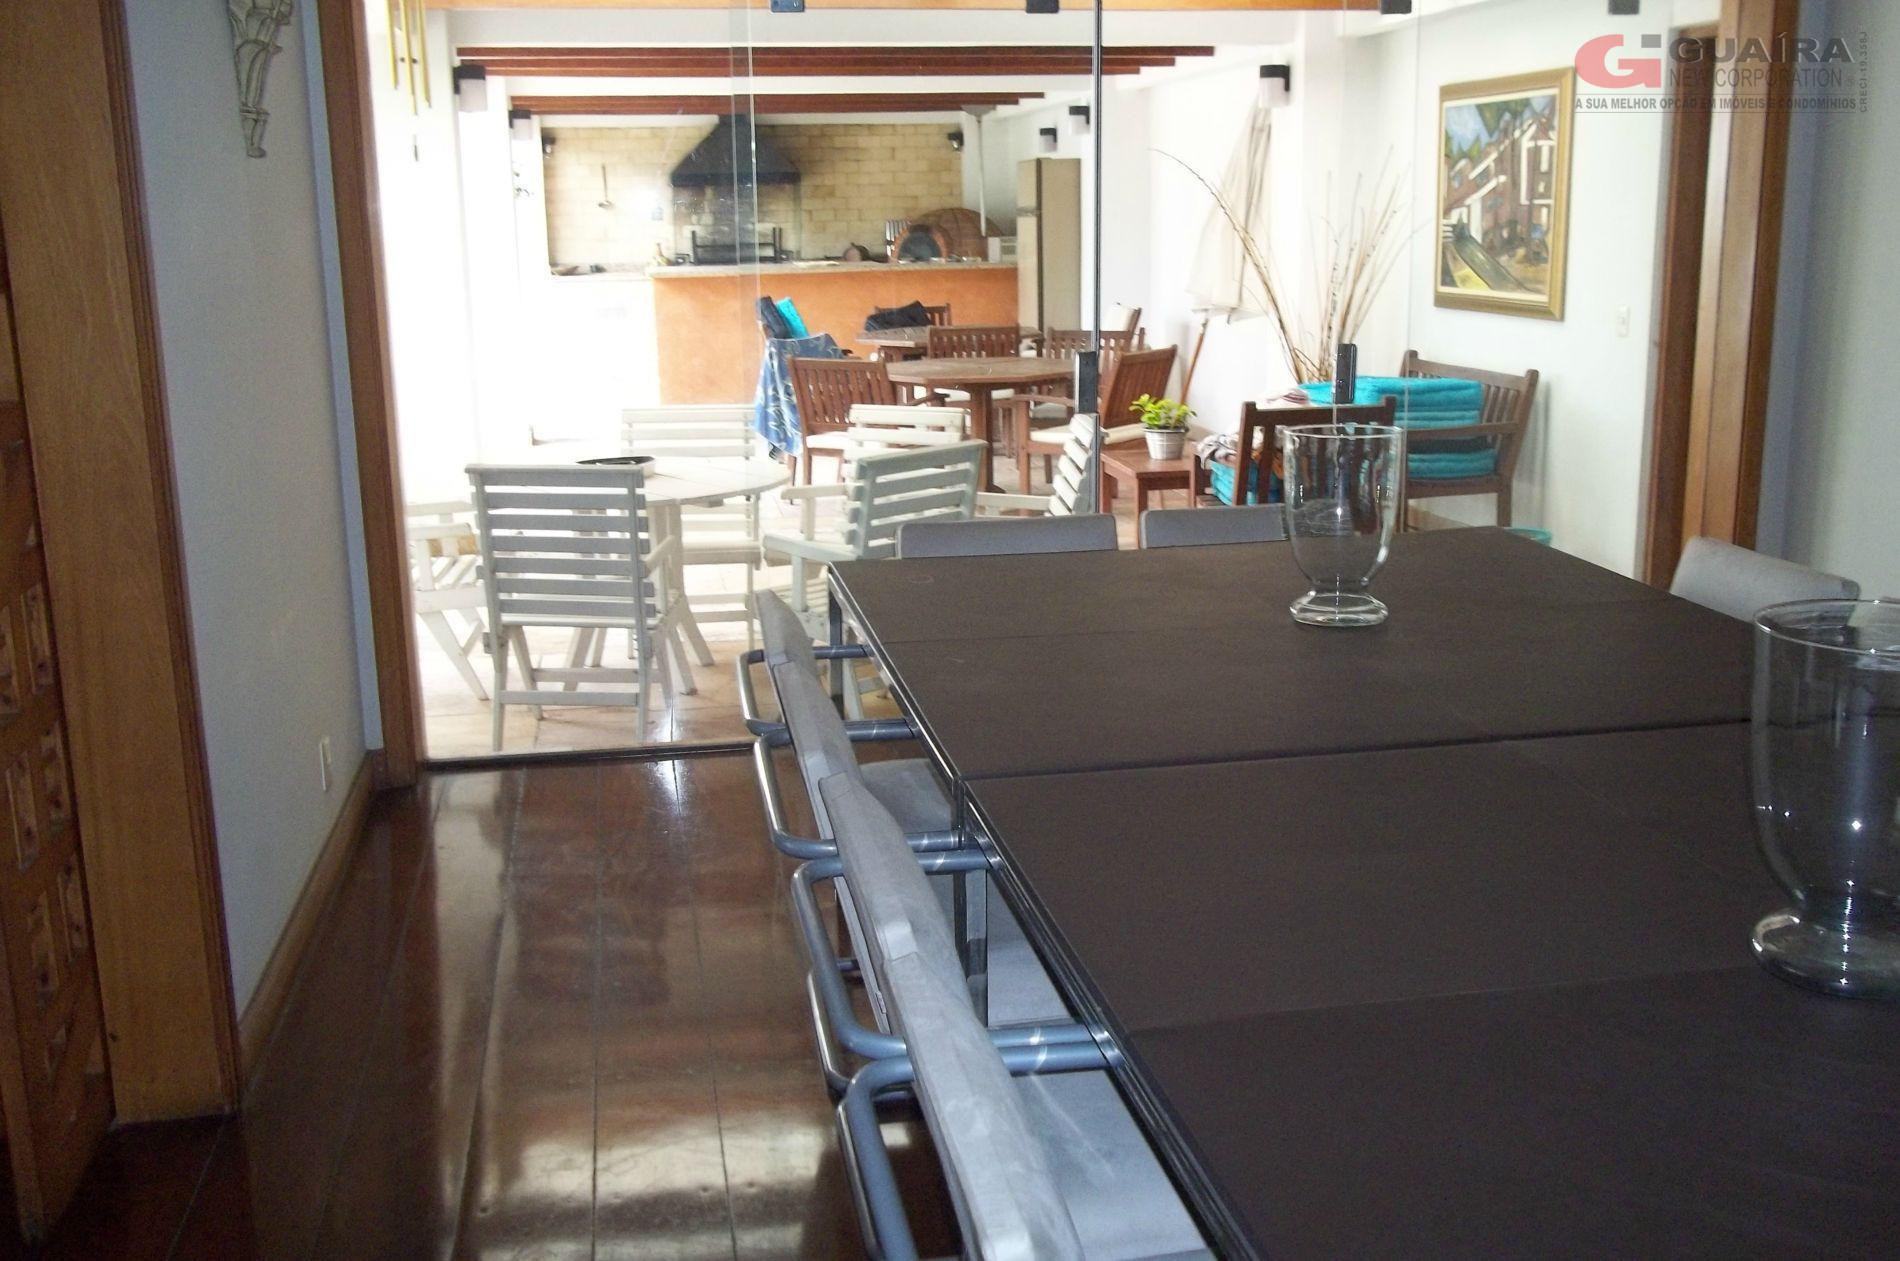 Sobrado de 3 dormitórios à venda em Parque Anchieta, São Bernardo Do Campo - SP